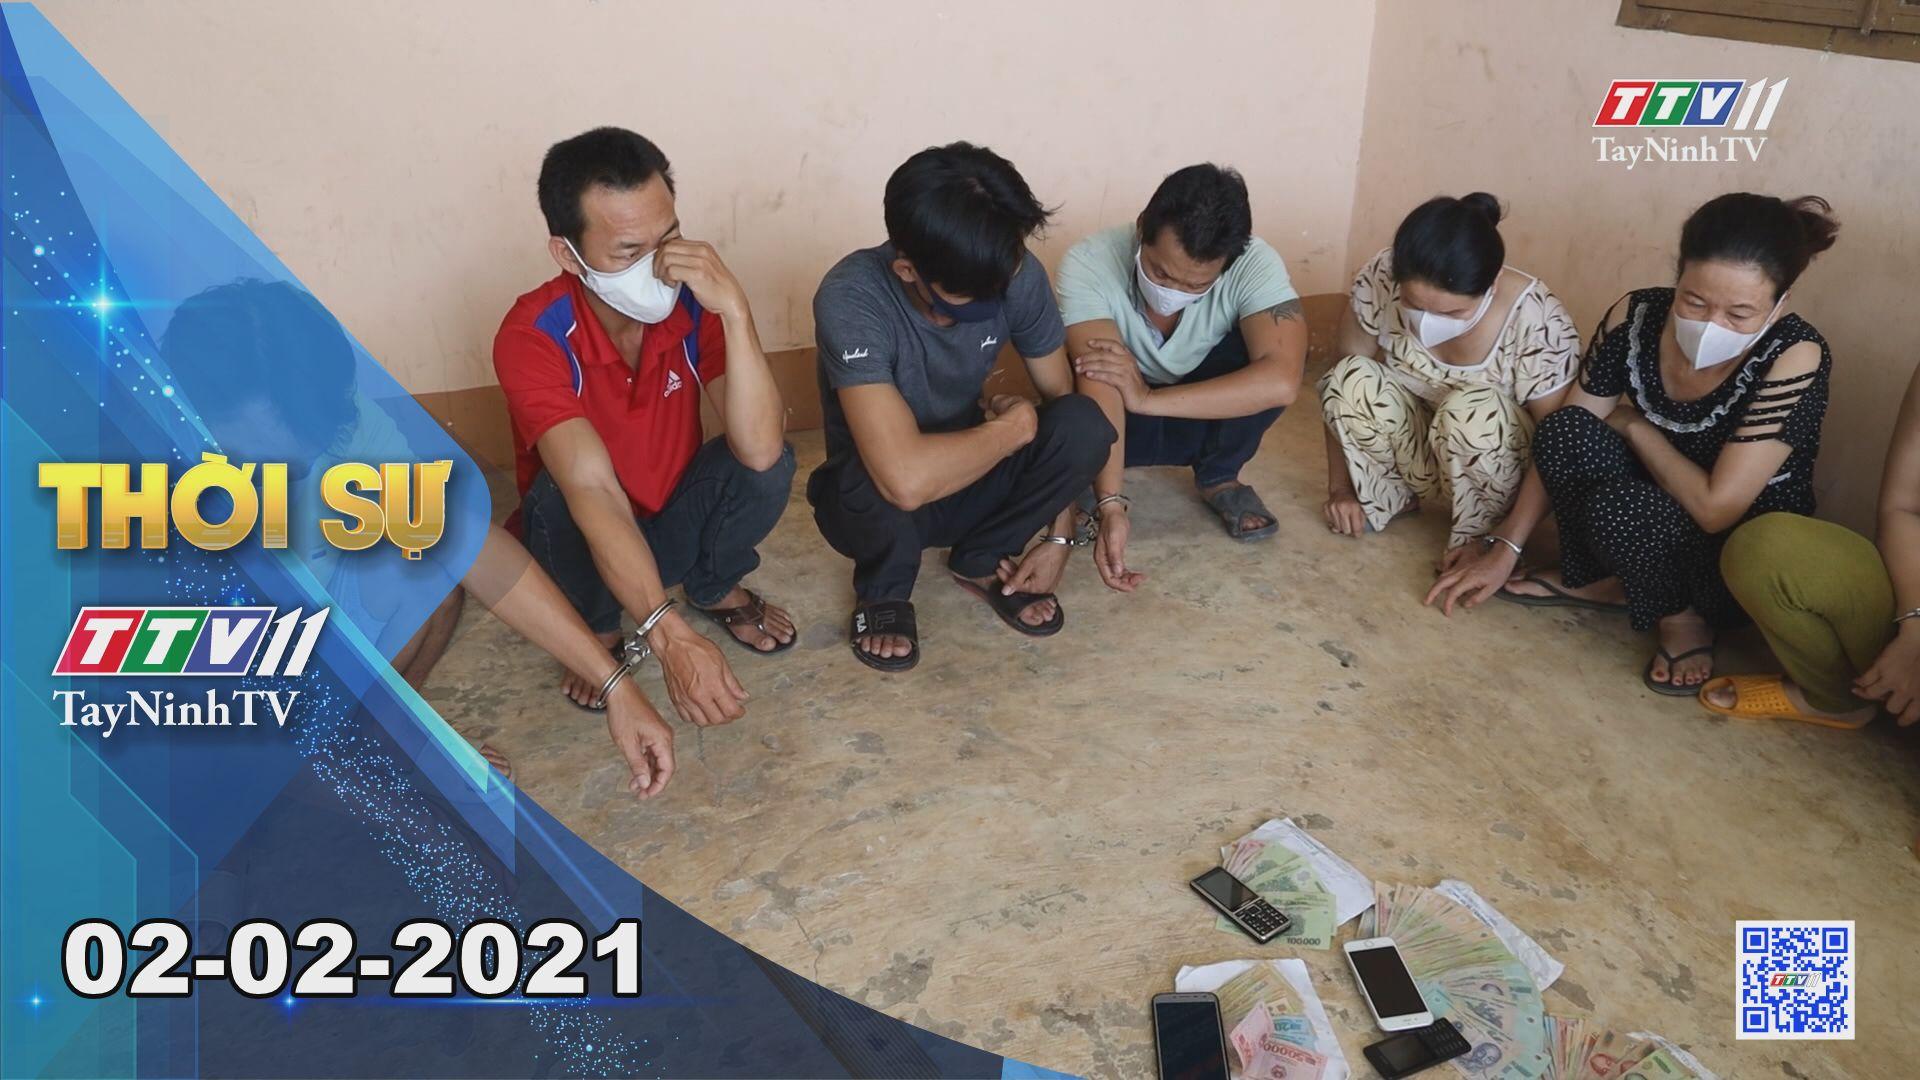 Thời sự Tây Ninh 02-02-2021 | Tin tức hôm nay | TayNinhTV